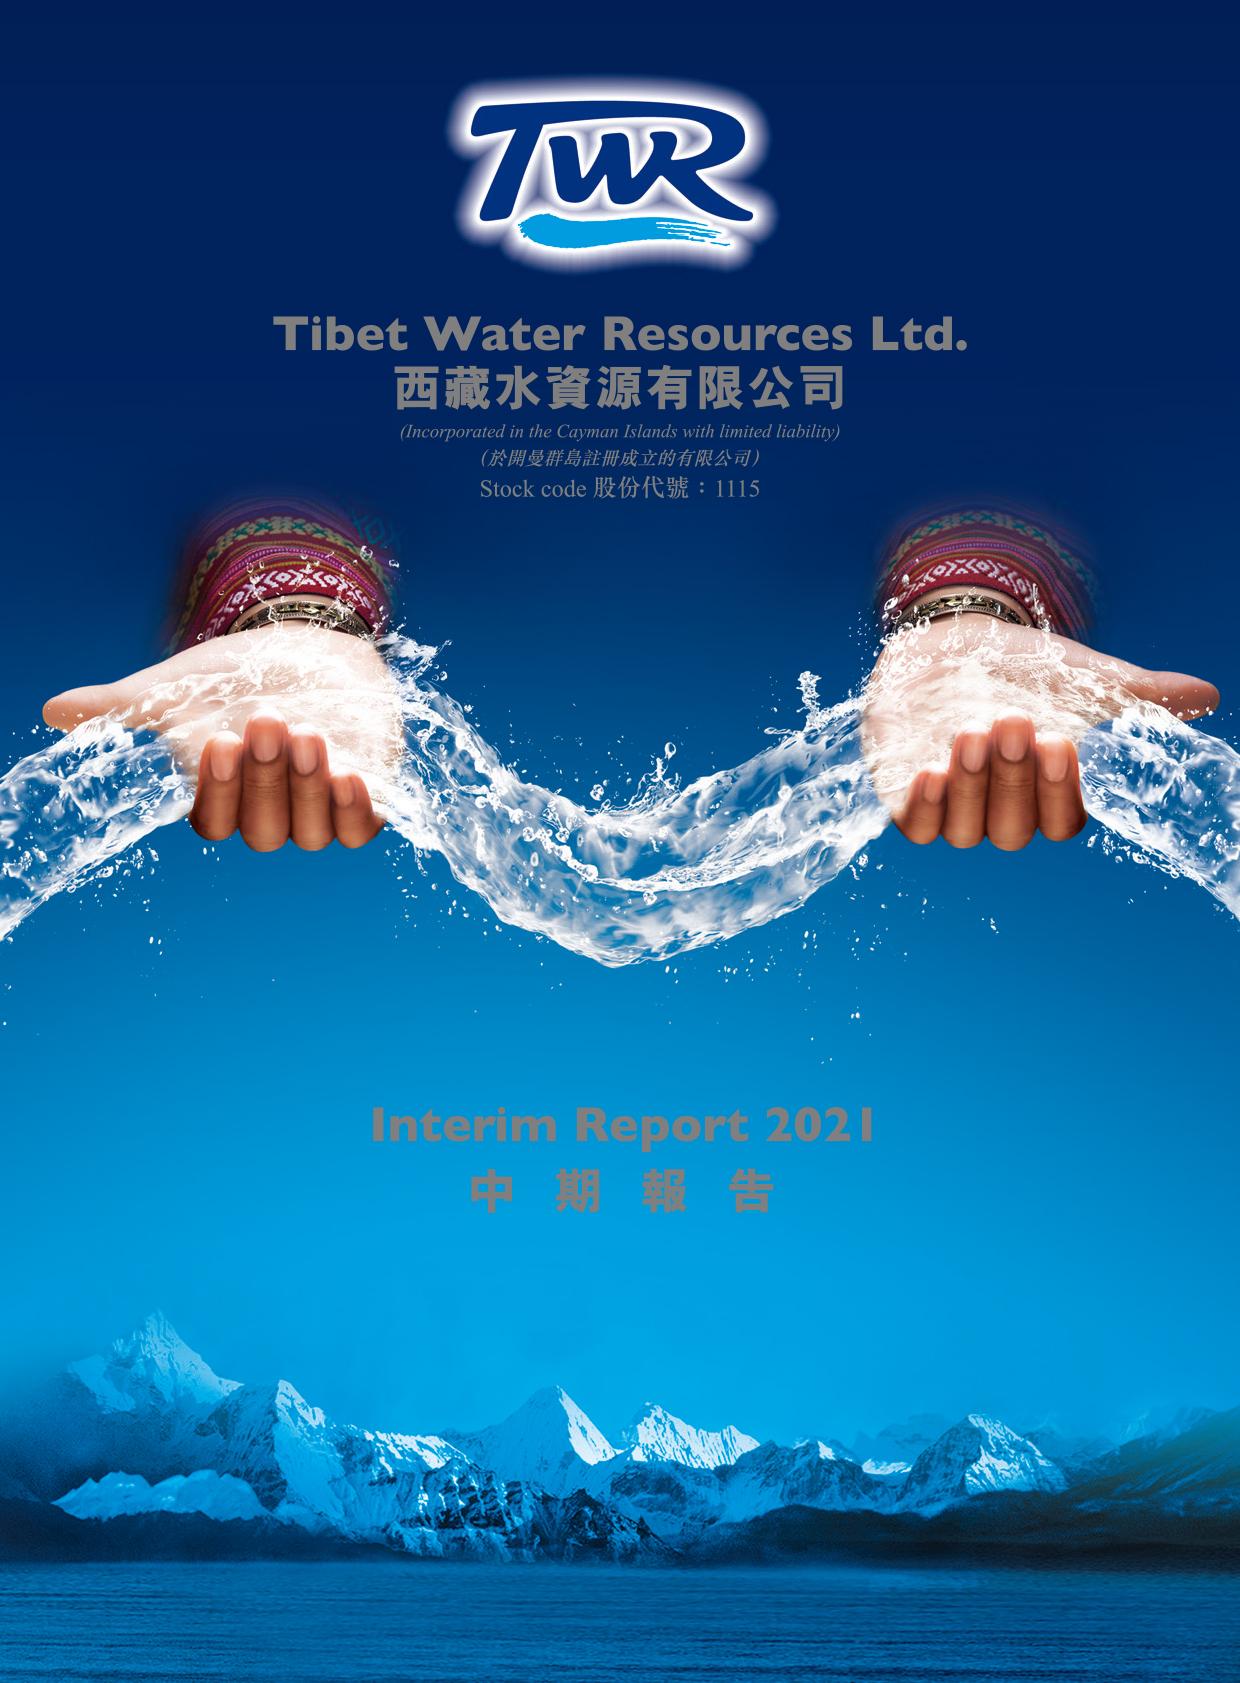 西藏水資源有限公司